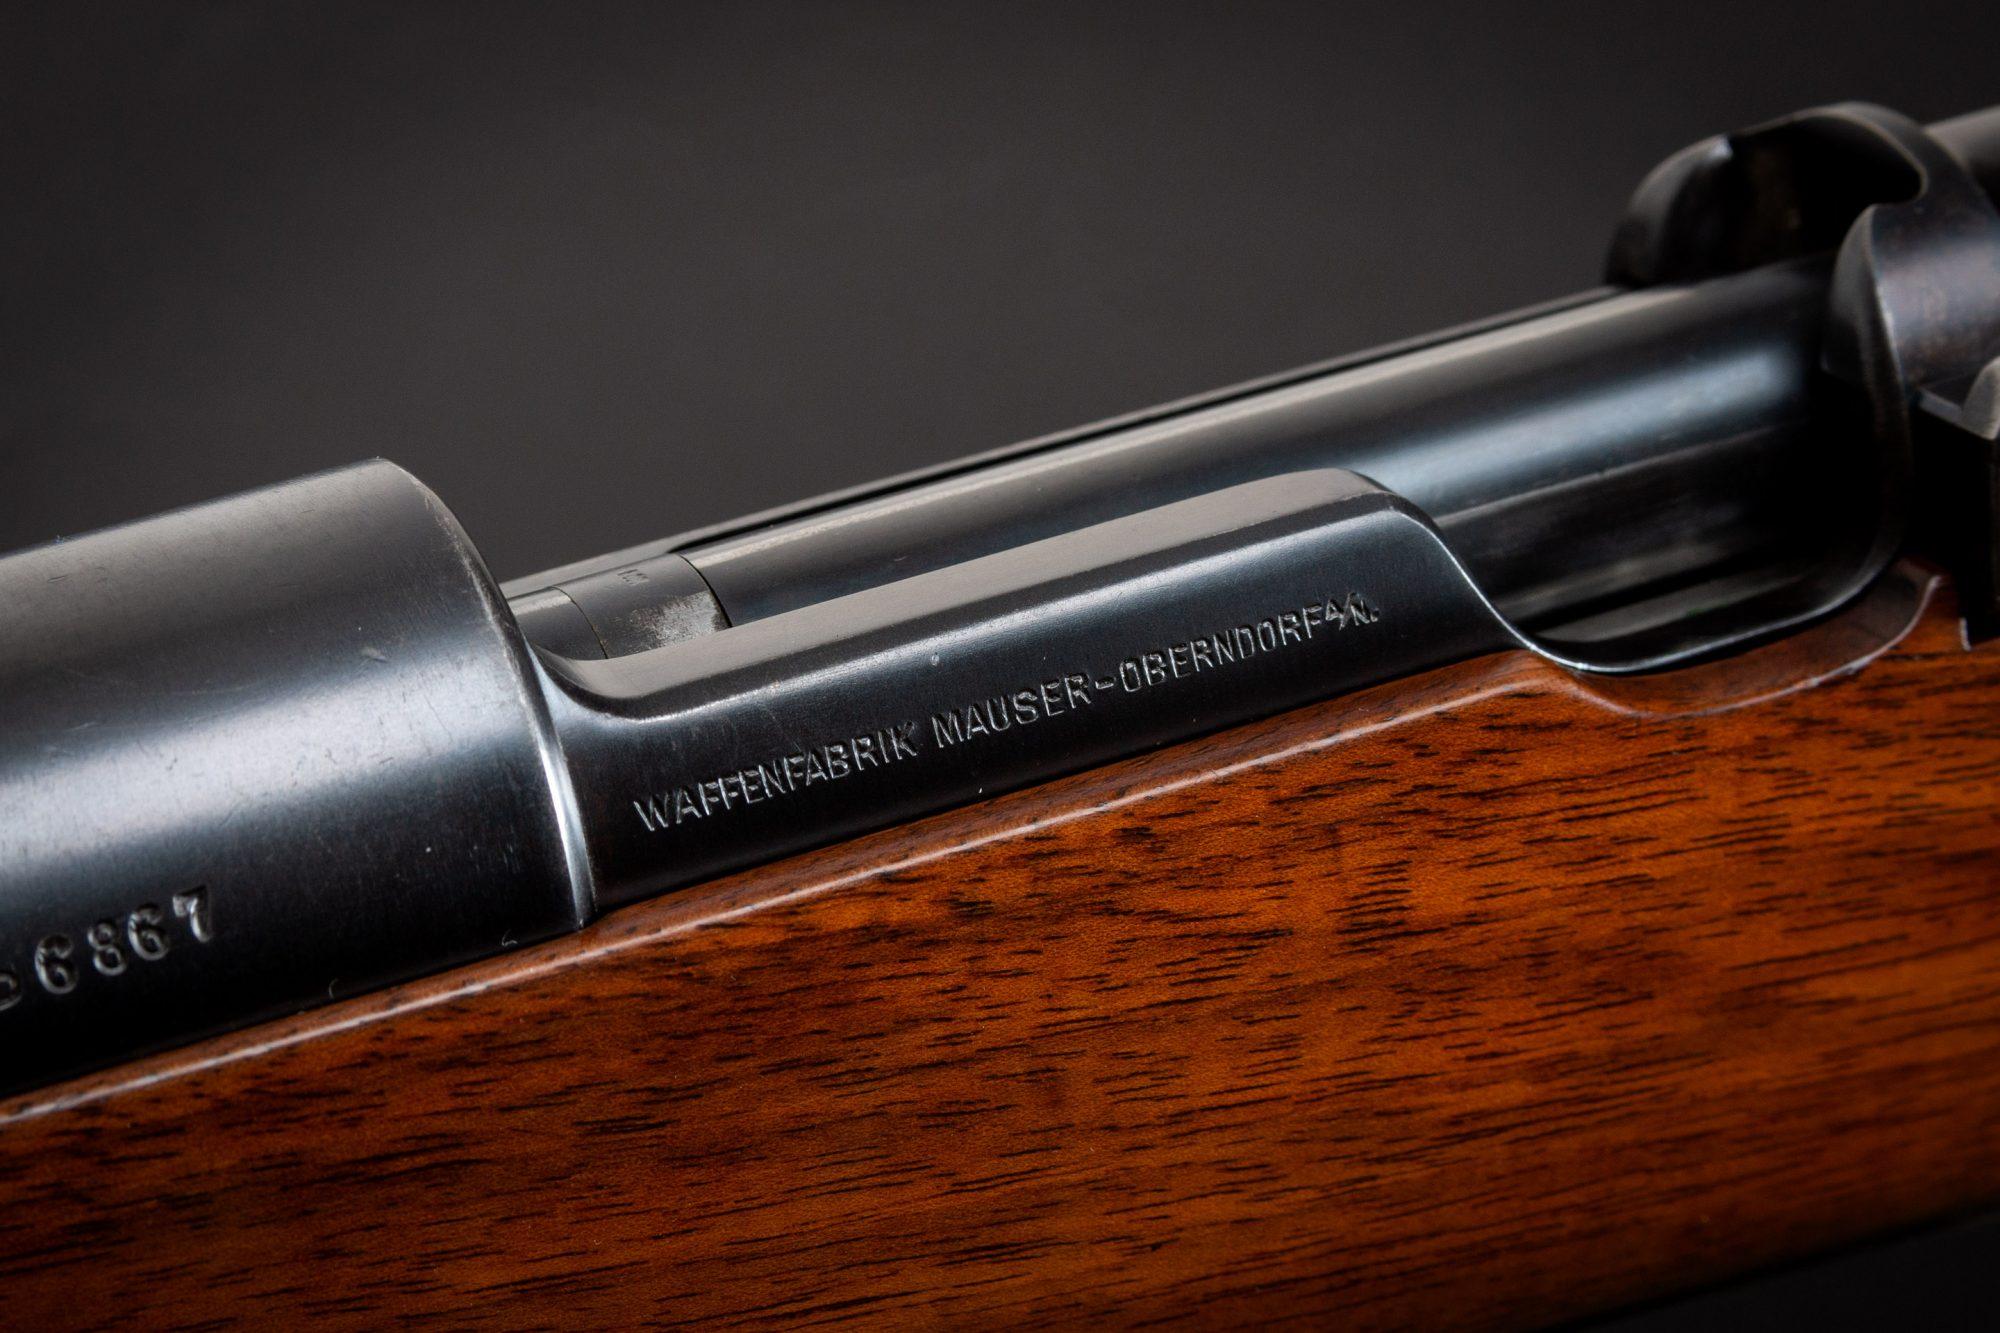 Photo of a Waffenfabrik Mauser M1898 Sporting Rifle